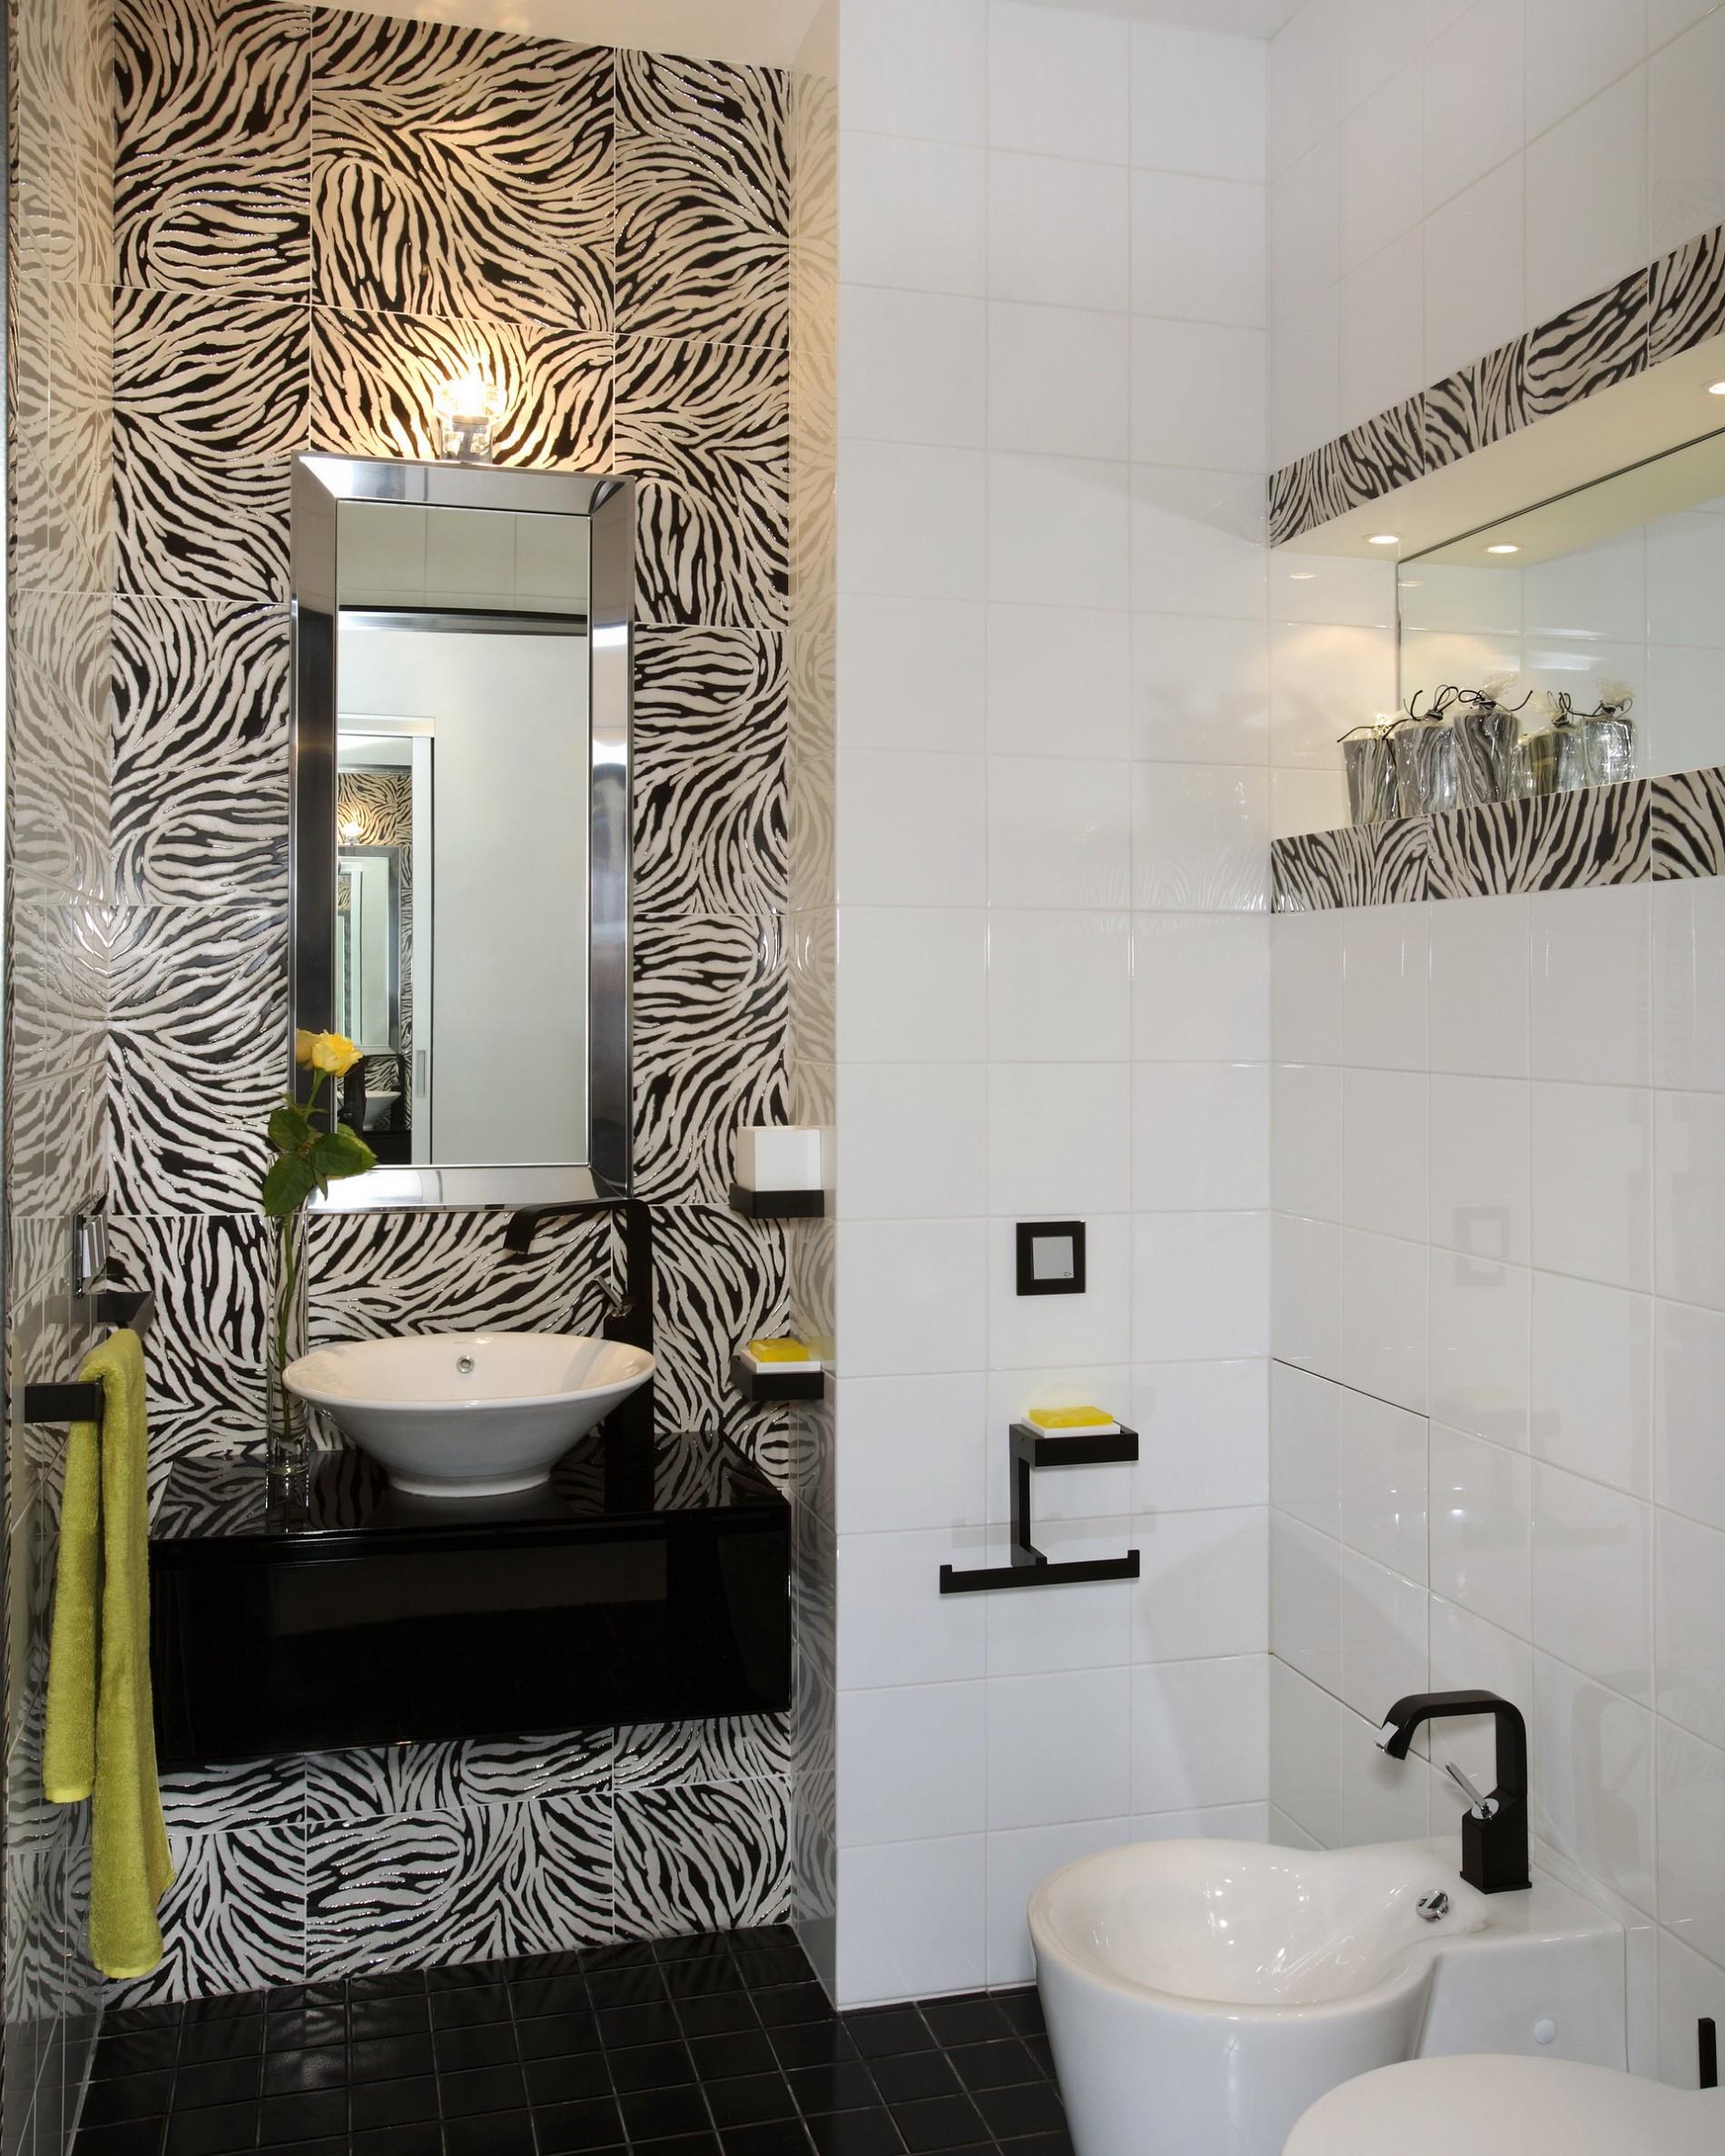 Плитка зебра в ванной ар деко